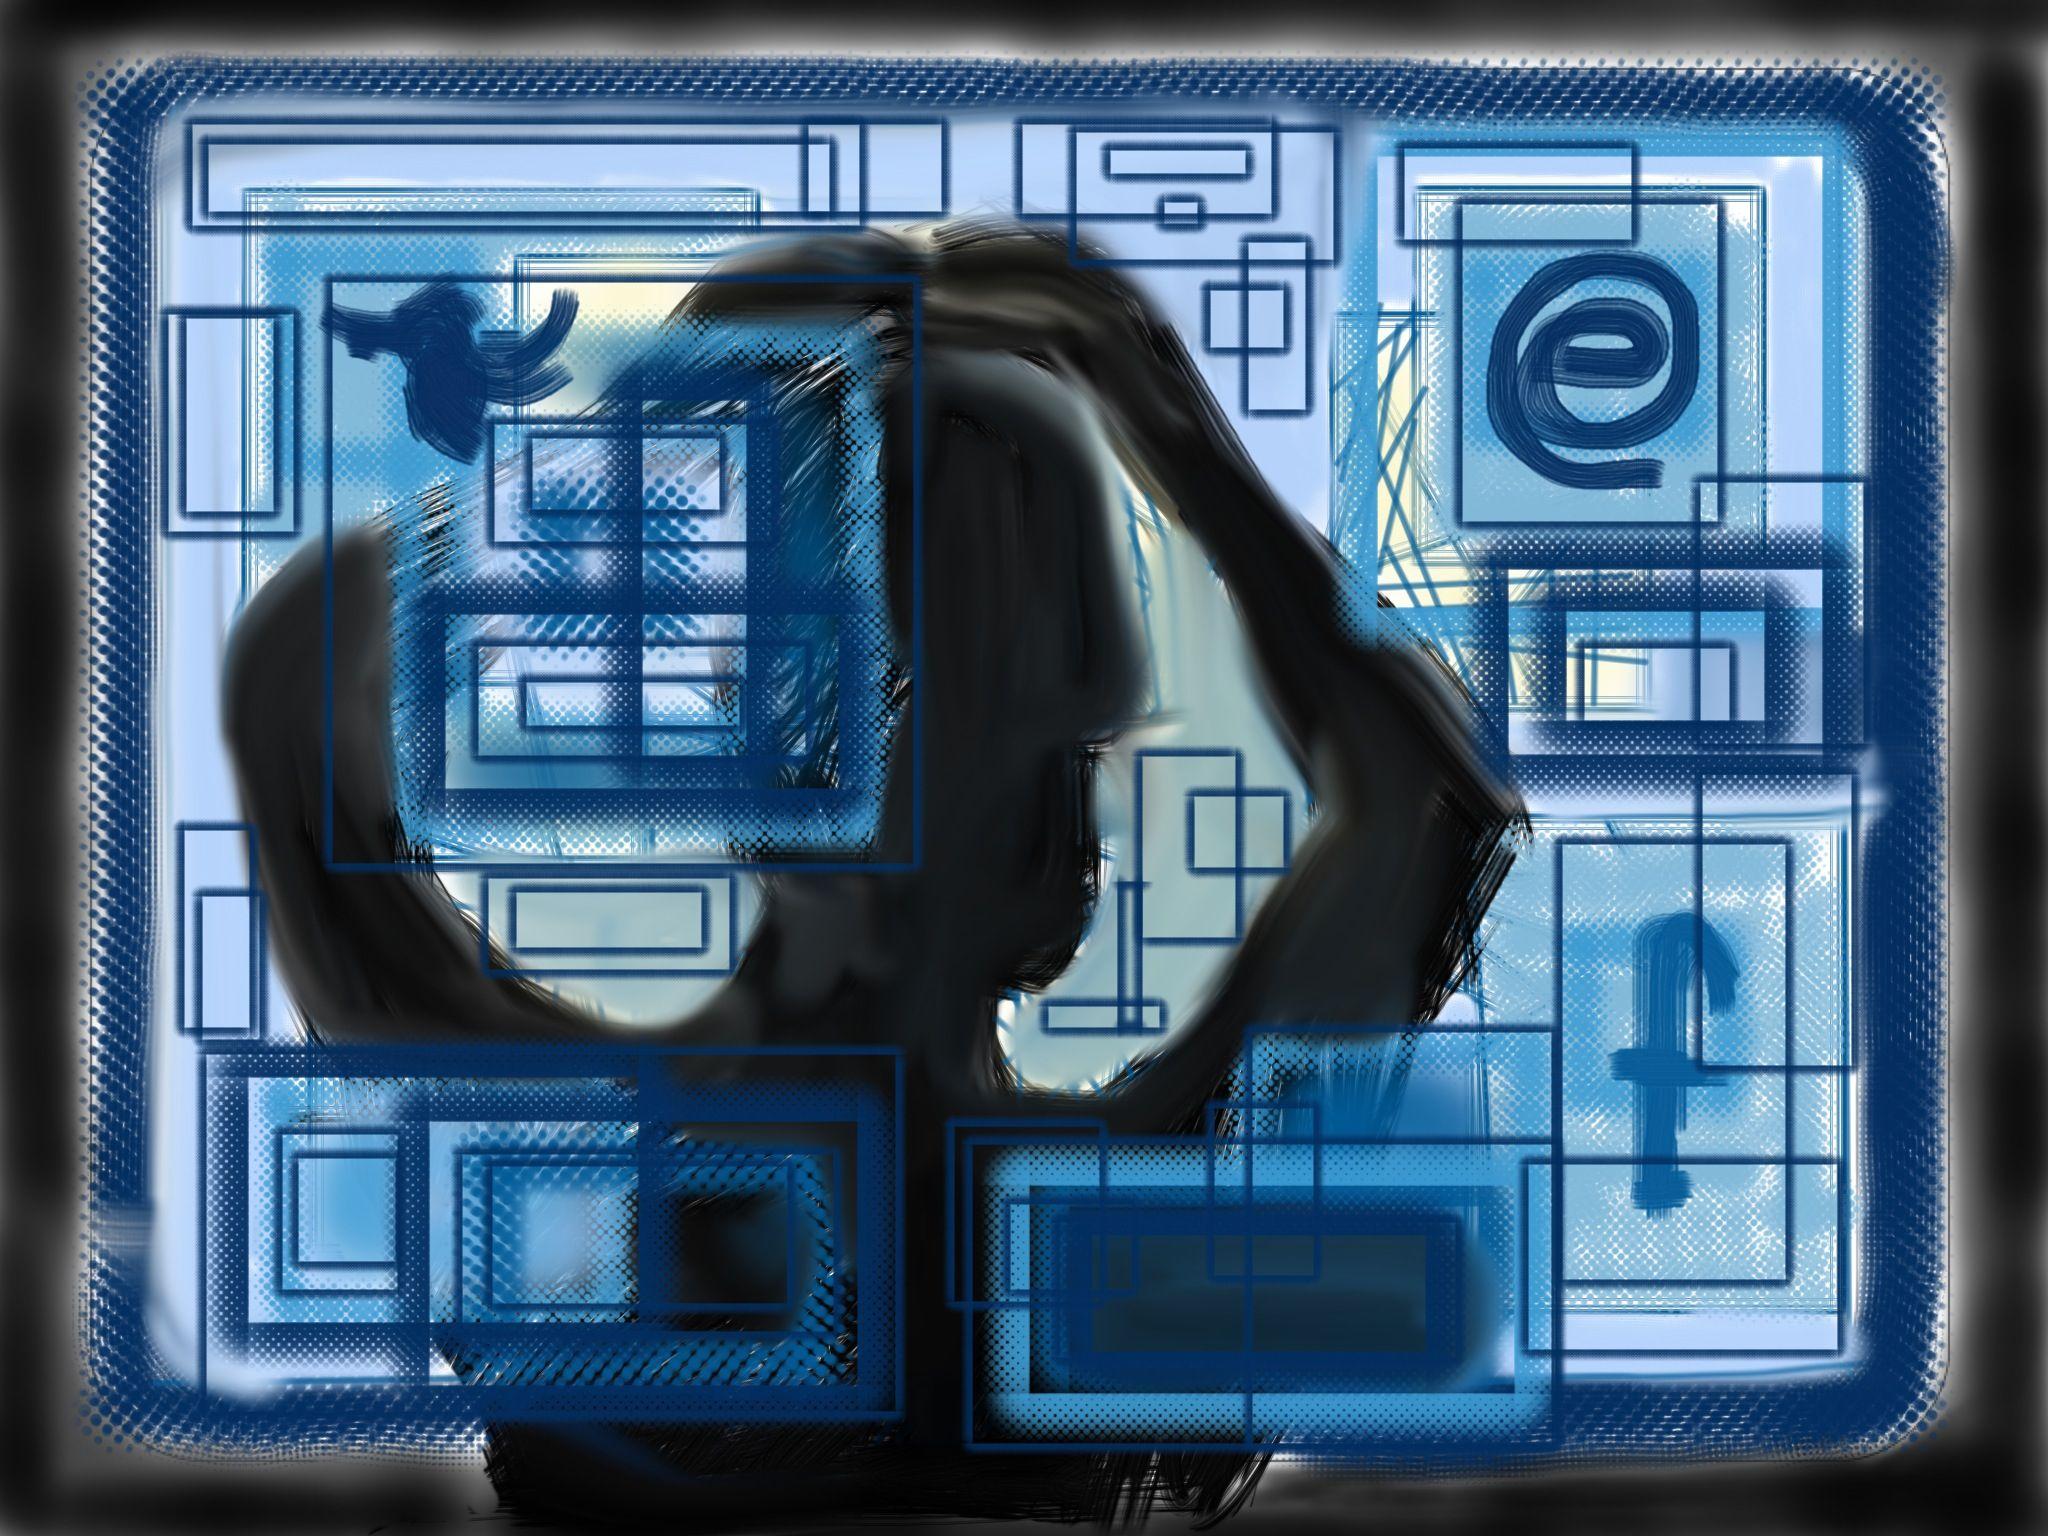 Cibercultura, ilustración digital. Ejercicio para la clase de medios interactivos.